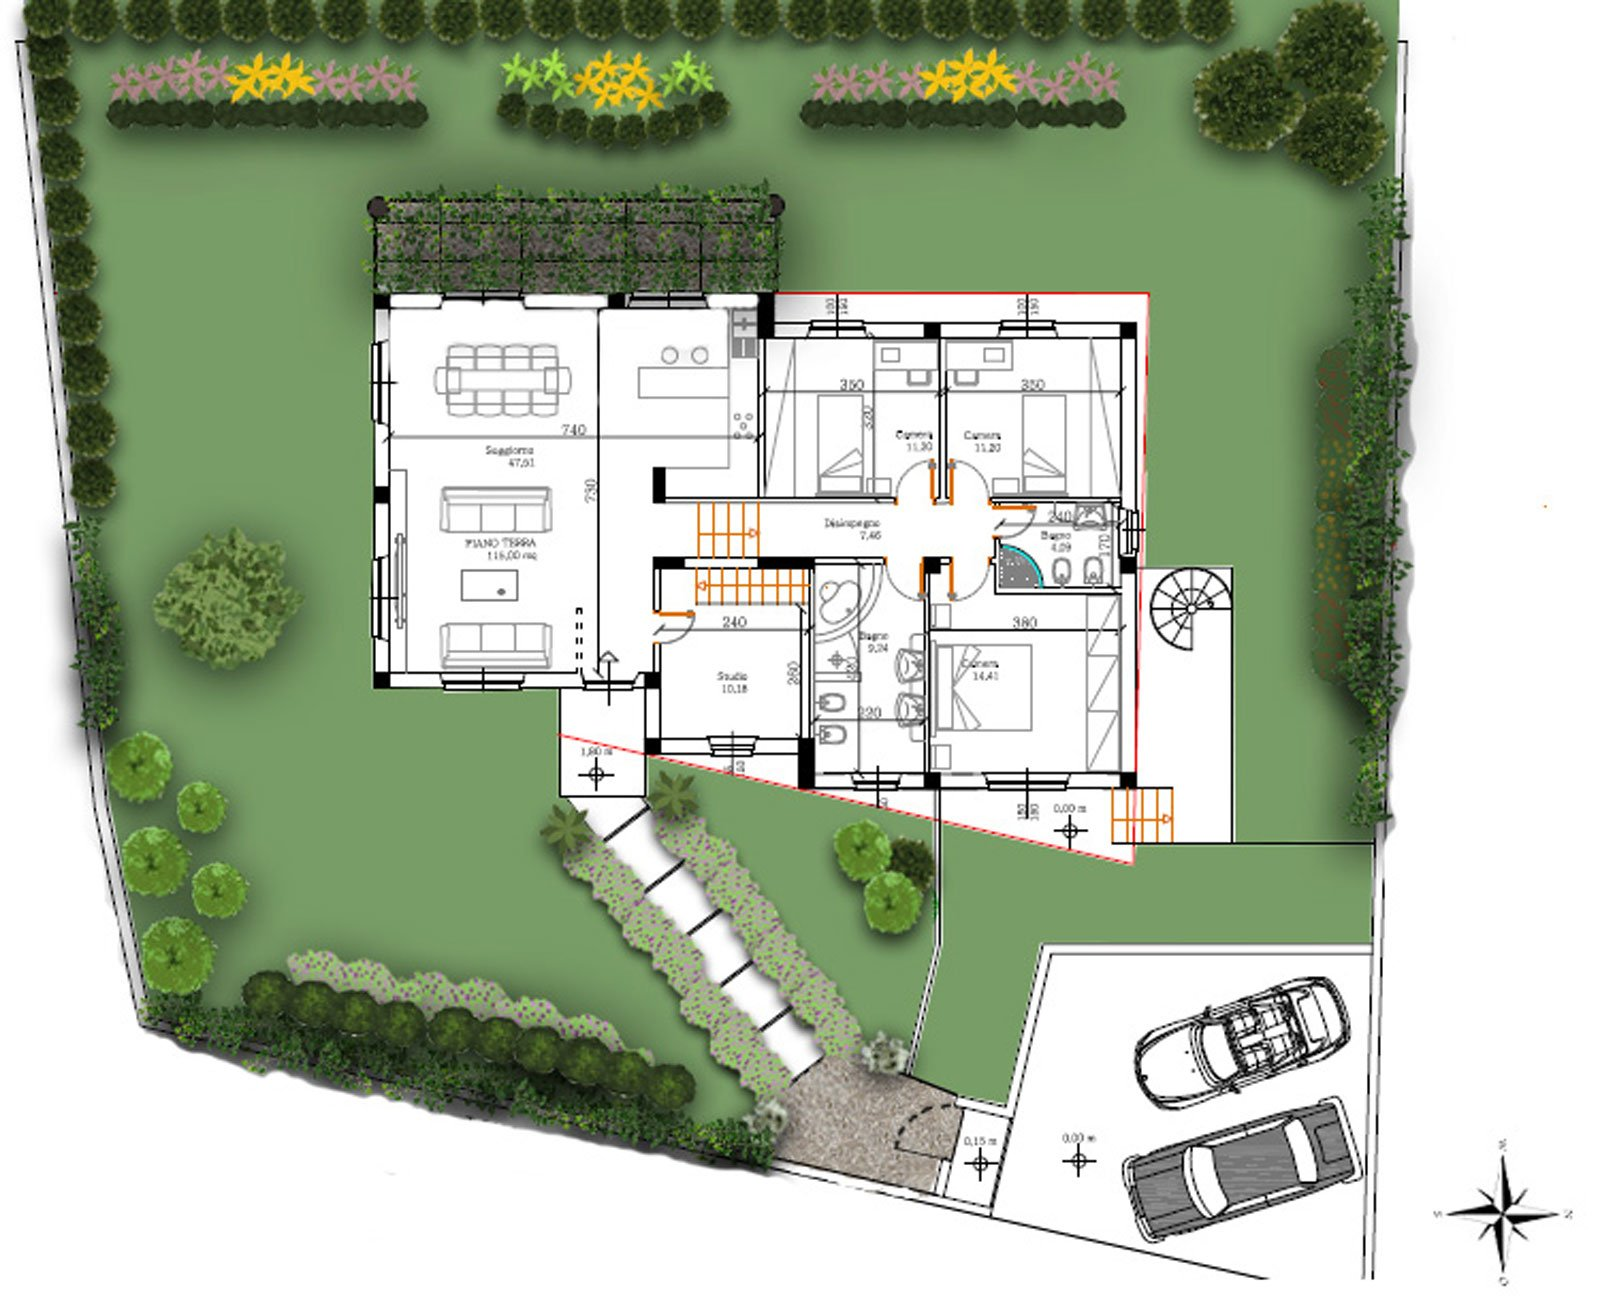 Casabook immobiliare un progetto per il giardino della - Progetto per giardino ...